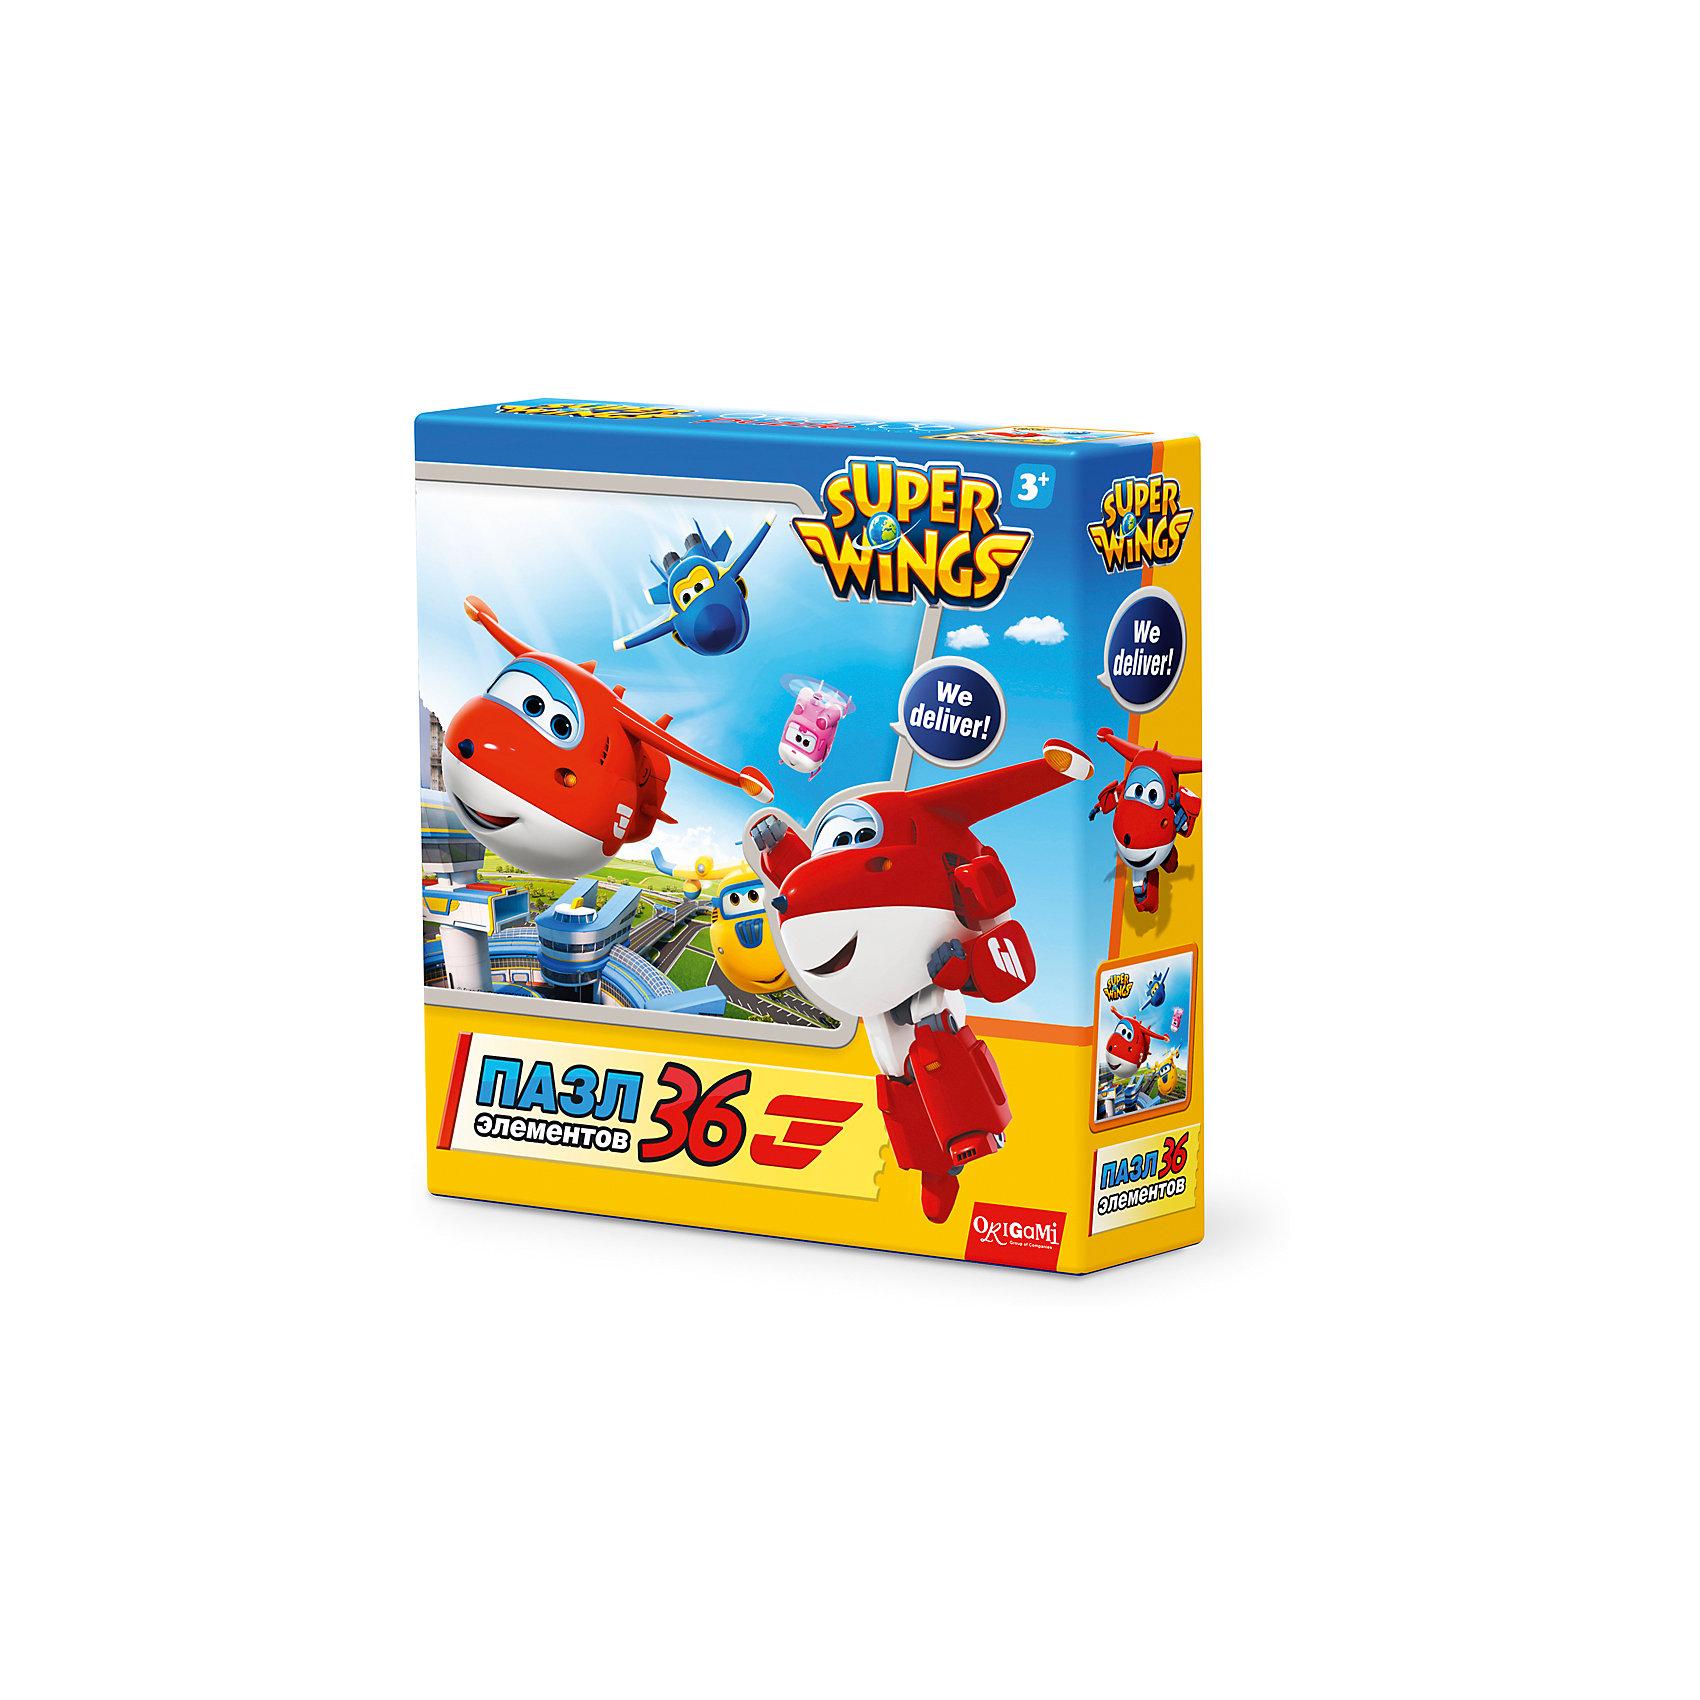 Пазл Взлет, Super Wings, OrigamiПазлы для малышей<br>Пазл Взлет, Super Wings, Origami<br><br>Характеристики:<br><br>• Количество деталей: 36 шт.<br>• Размер упаковки: 15 * 4,5 * 15 см.<br>• Размер готовой картинки: 21 * 21 см.<br>• Состав: картон<br>• Вес: 100 г.<br>• Для детей в возрасте: от 3 до 6 лет<br>• Страна производитель: Россия<br><br>Лицензионный пазл с оригинальным дизайном соответствует высоким стандартам, которые подтверждены сертификатами качества. Пазл отлично собирается, некоторые части картинки повторяются по цвету, это сделает сборку немного сложнее и интереснее. Закончив сборку вы можете склеить кусочки превратив пазл в красивую картину, или можете разобрать его и снова собрать позже.<br><br>Пазл Взлет, Super Wings, Origami можно купить в нашем интернет-магазине.<br><br>Ширина мм: 150<br>Глубина мм: 45<br>Высота мм: 150<br>Вес г: 100<br>Возраст от месяцев: 36<br>Возраст до месяцев: 72<br>Пол: Унисекс<br>Возраст: Детский<br>SKU: 5528431